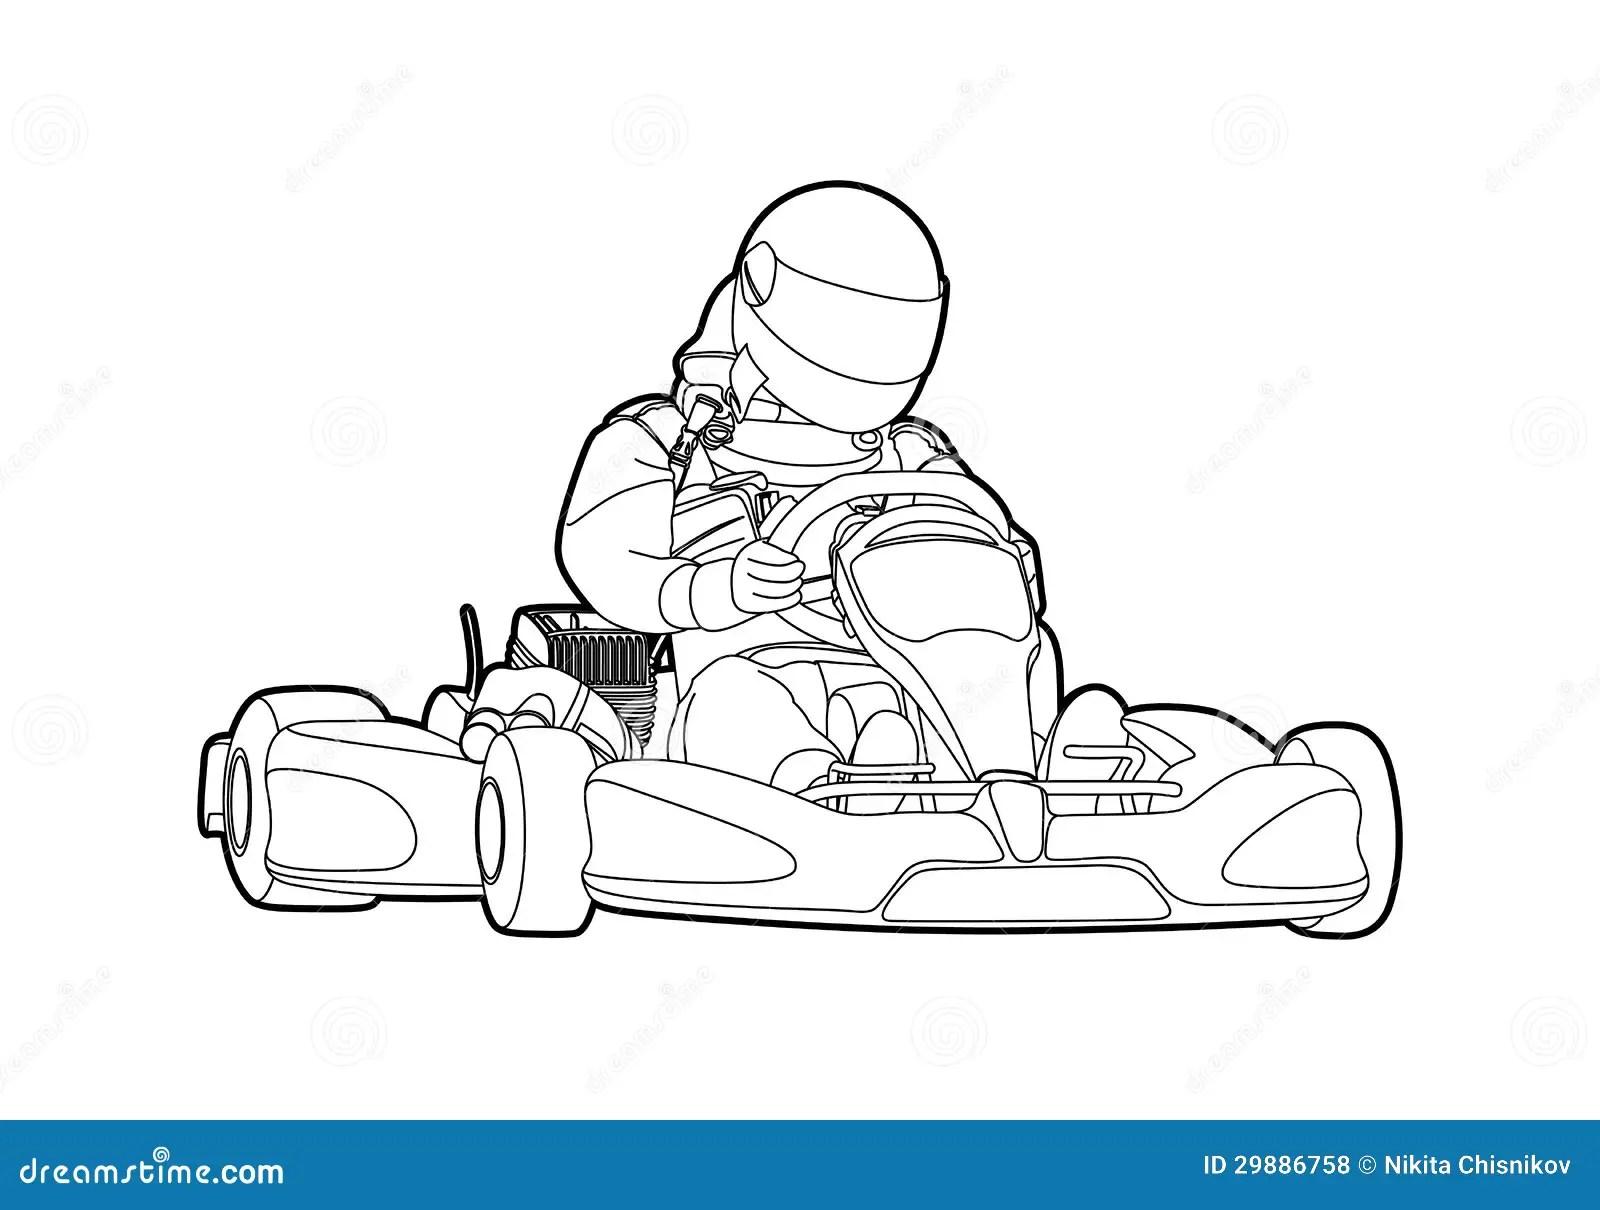 Cart Drawing